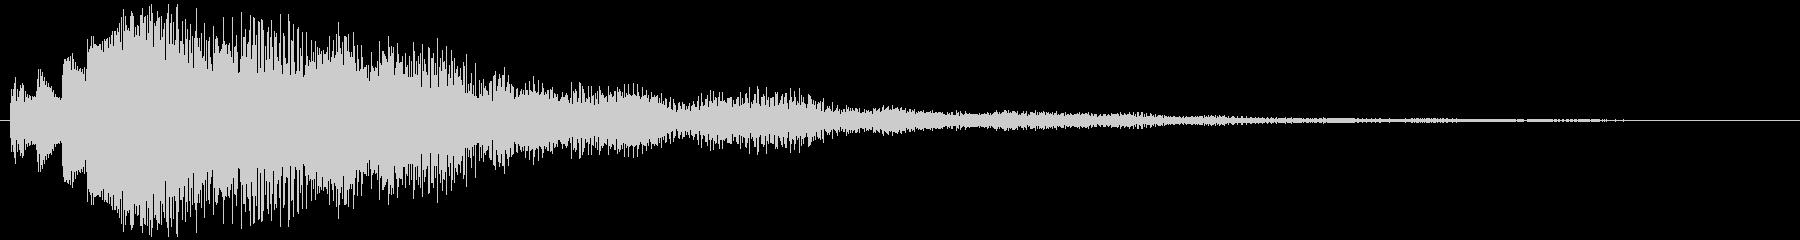 決定/ボタン押下音(深い響き)の未再生の波形